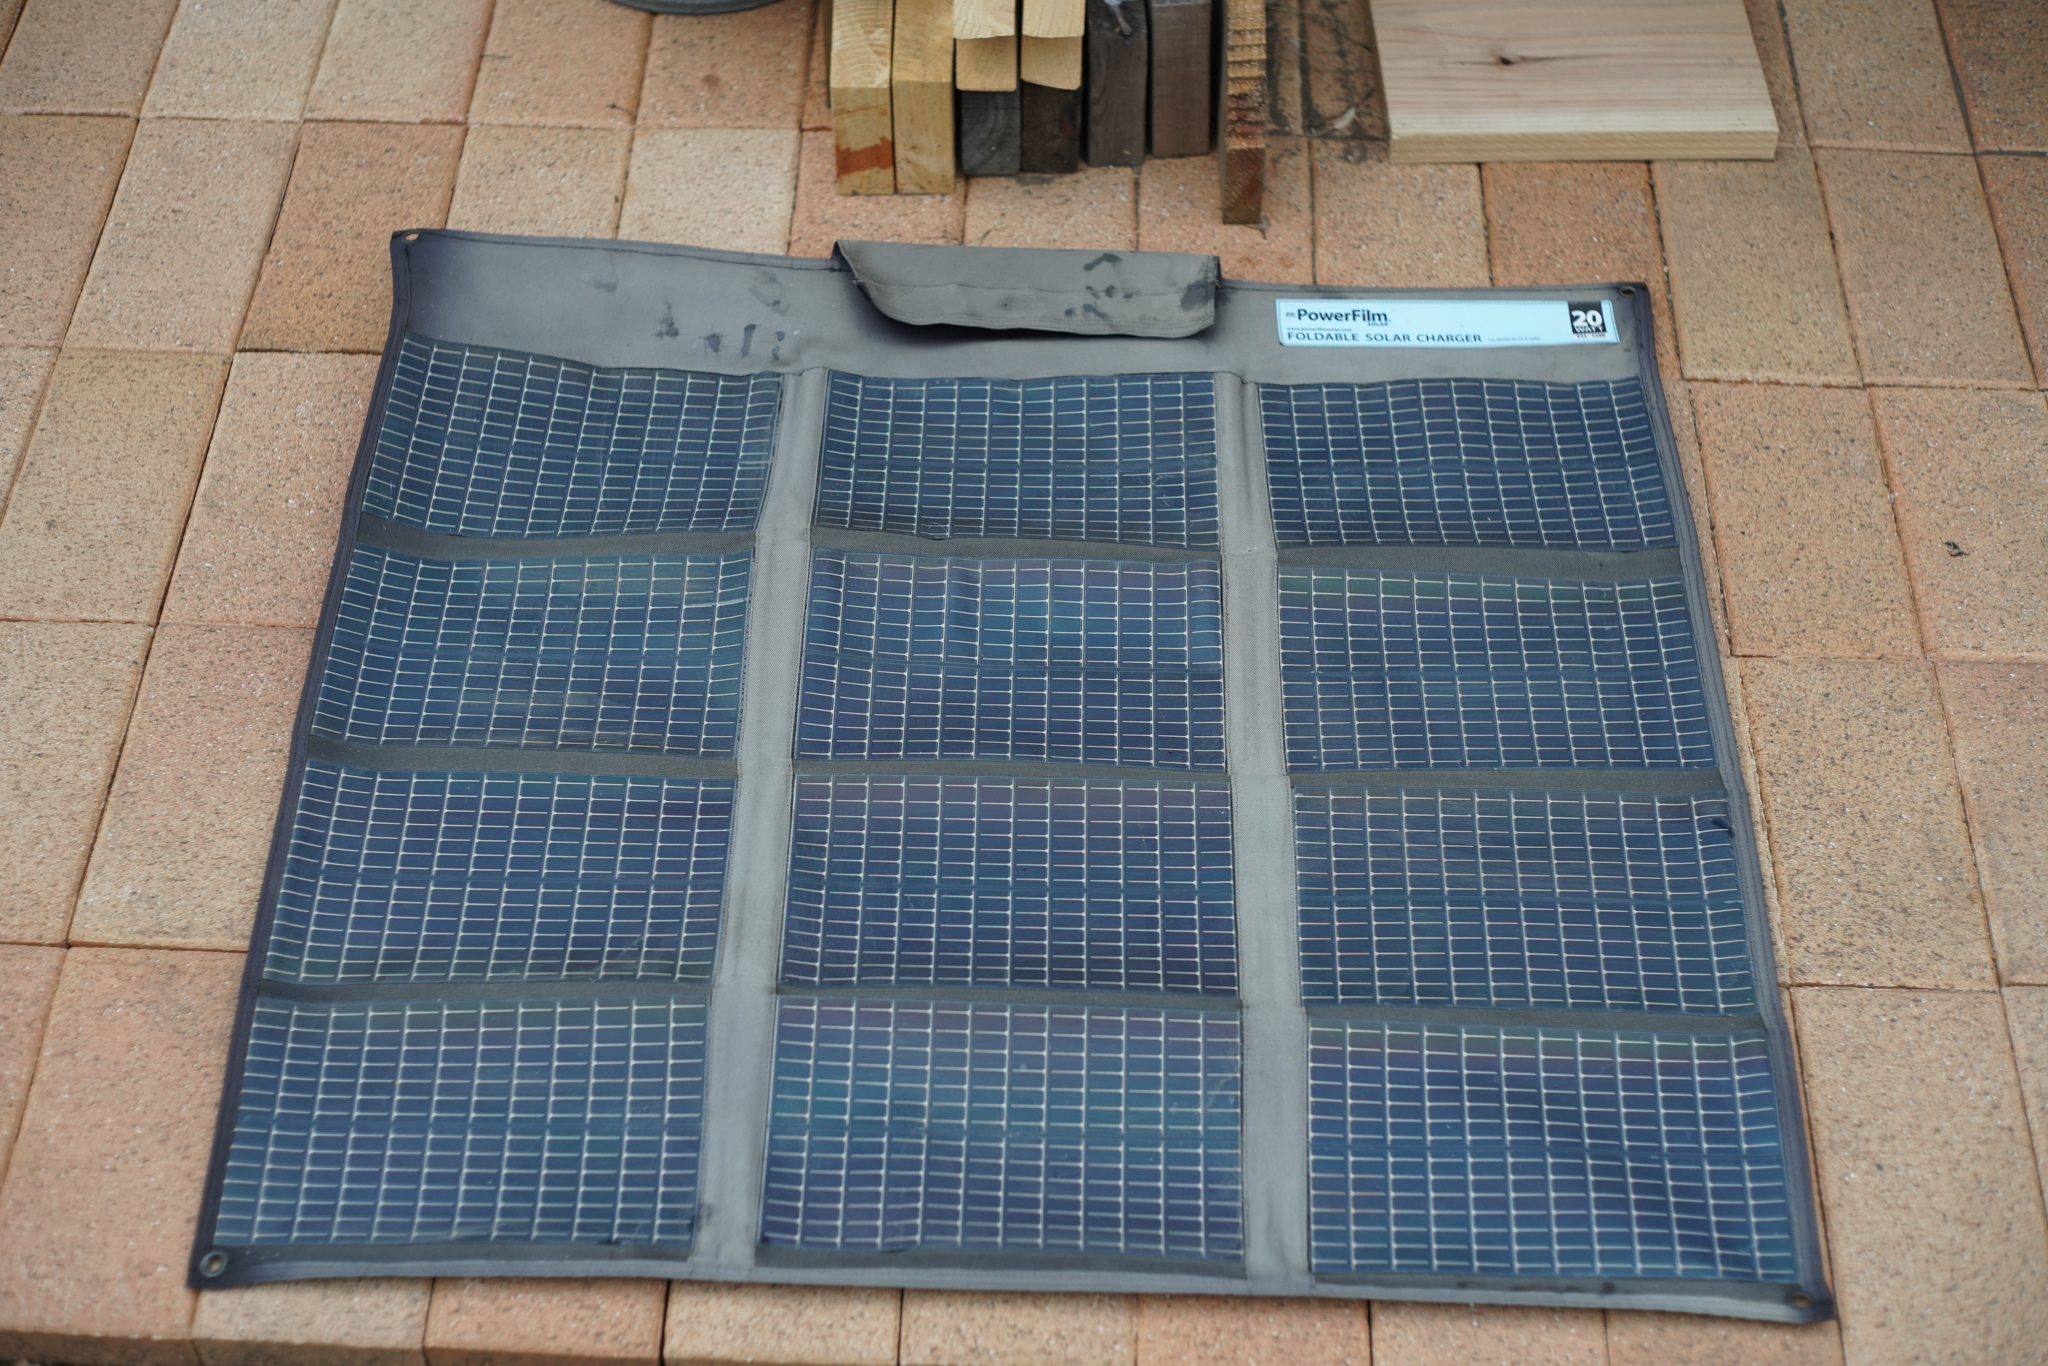 コンポストトイレ小屋のソーラーパネル PowerFilm Foldable 20W